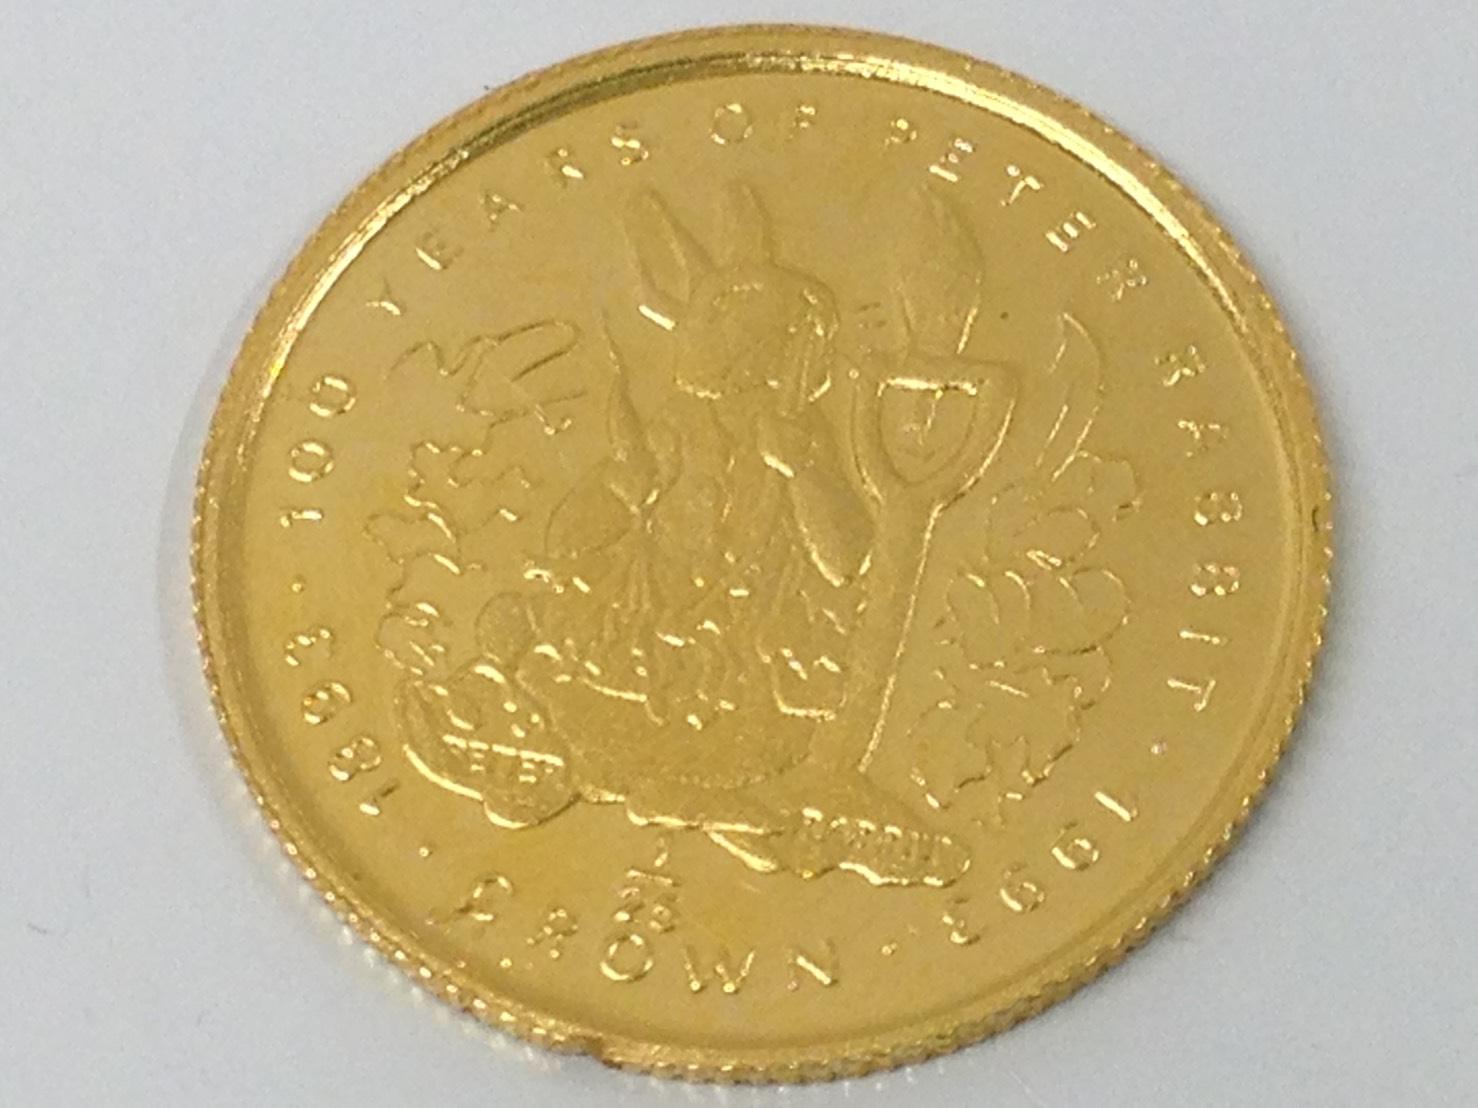 純金(K24) ピーターラビット メダル コイン1/25 渋谷 金 買取